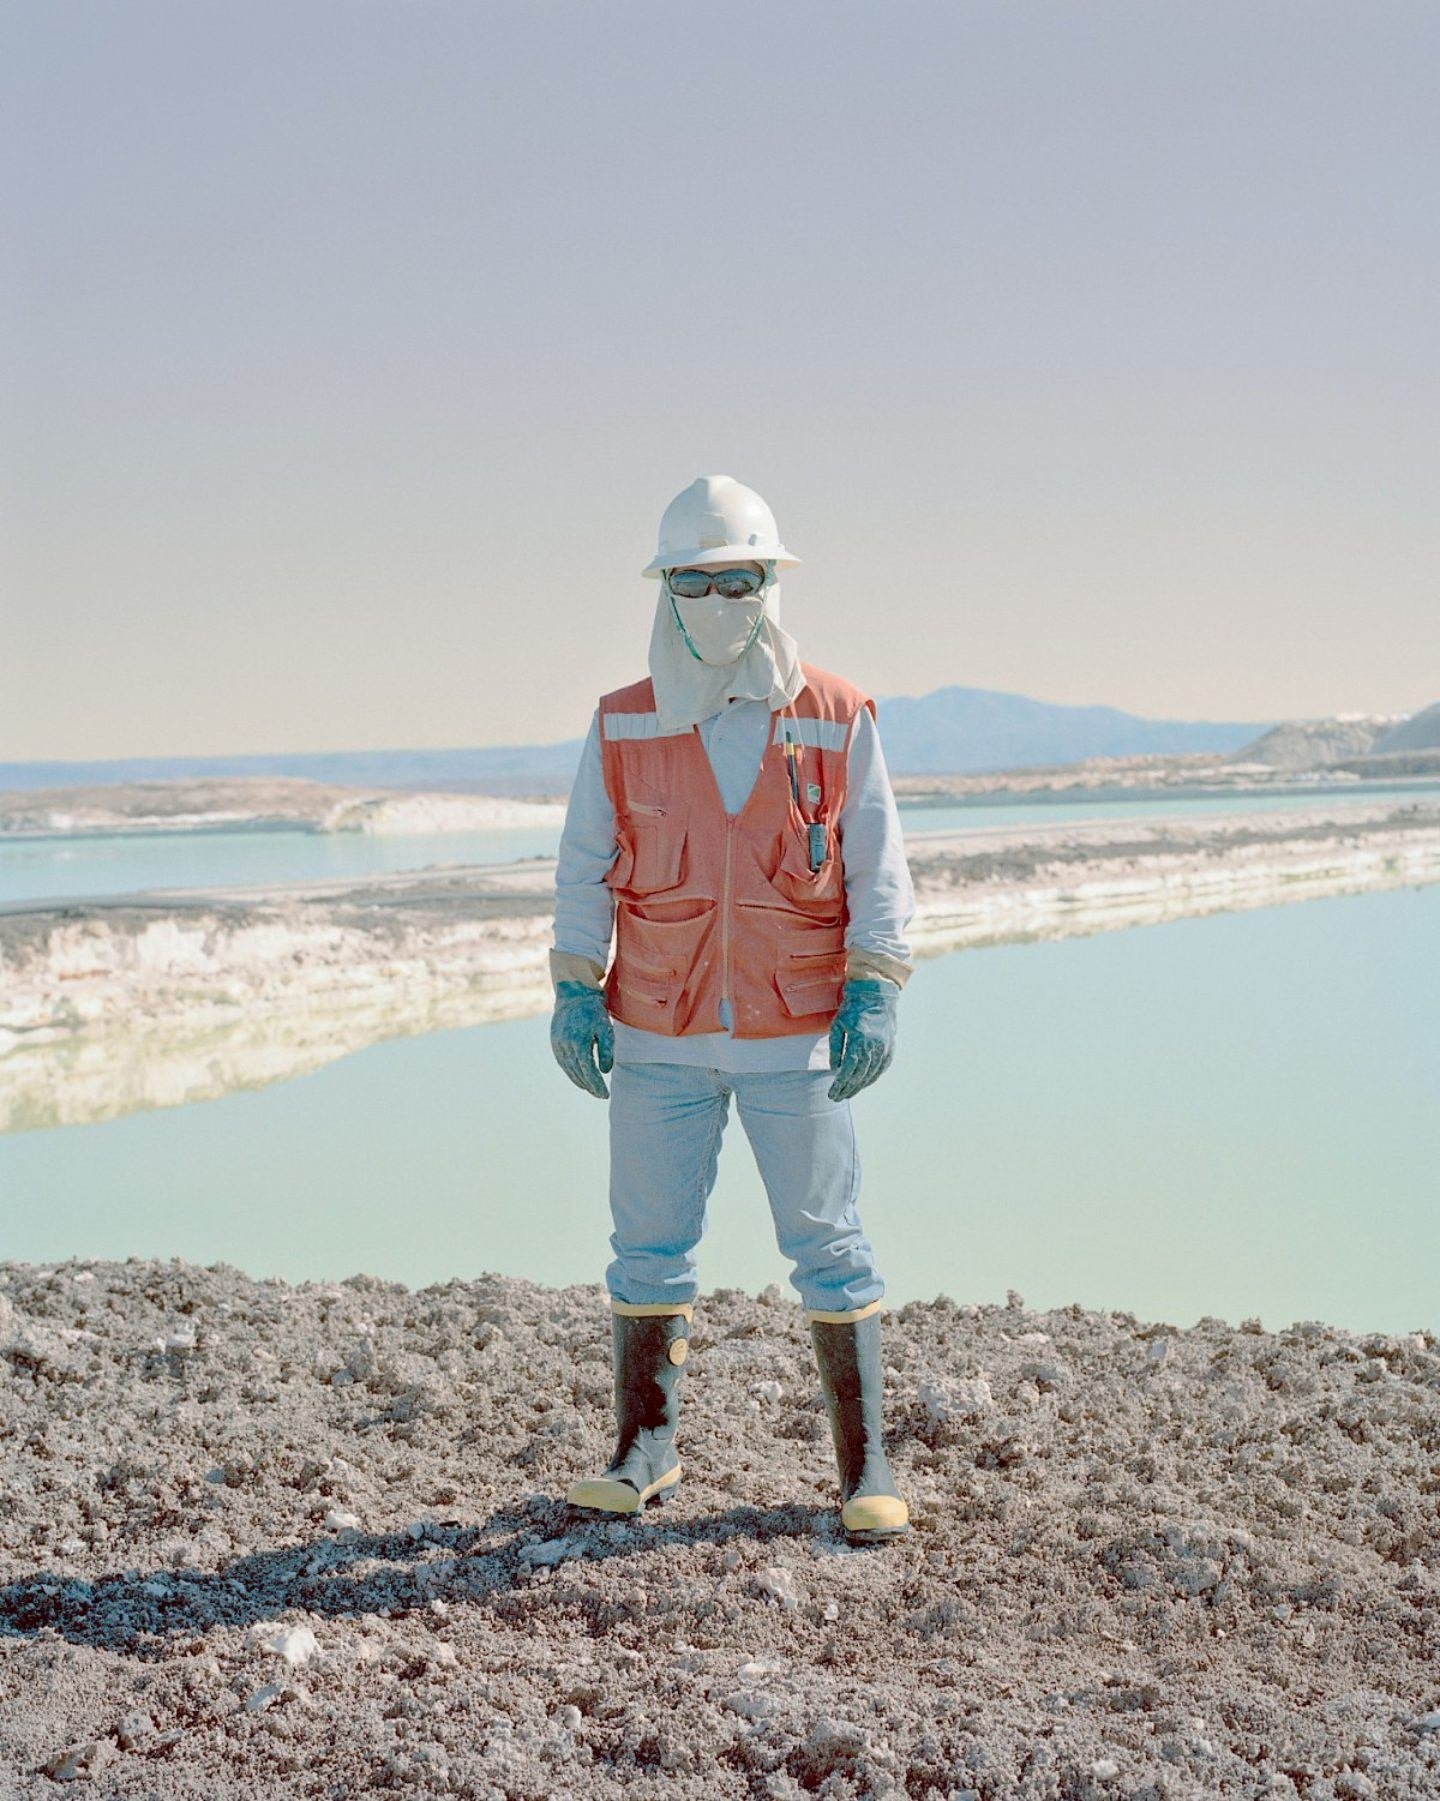 IGNANT-Photography-Catherine-Hyland-Atacama-0011